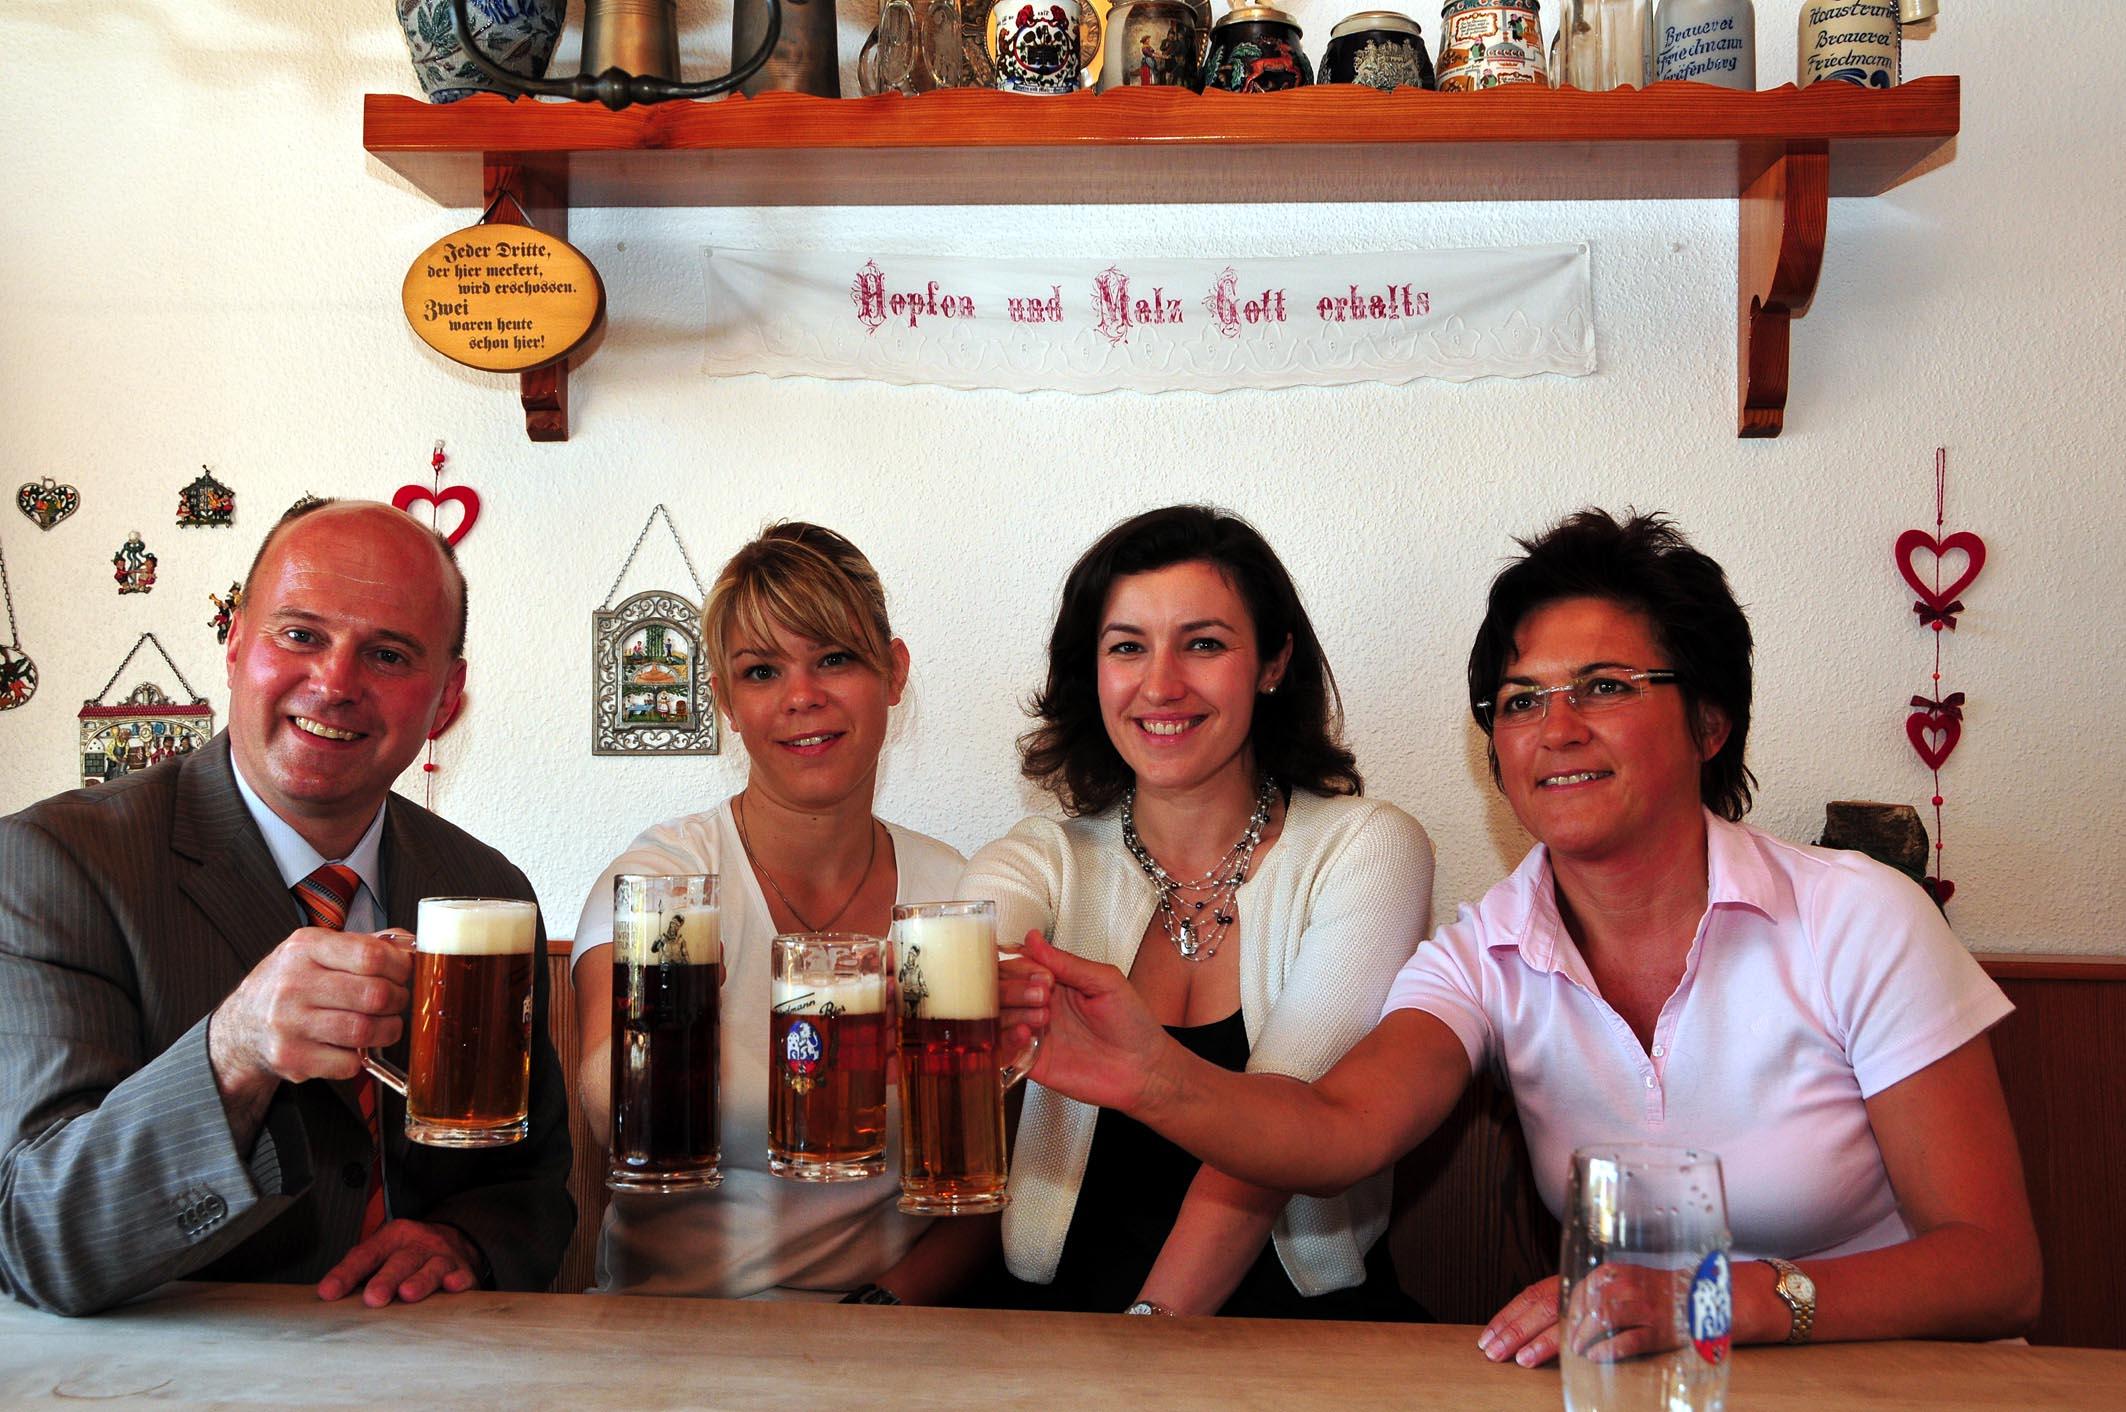 Koschyk Bär Gräfenberg Brauerei 4